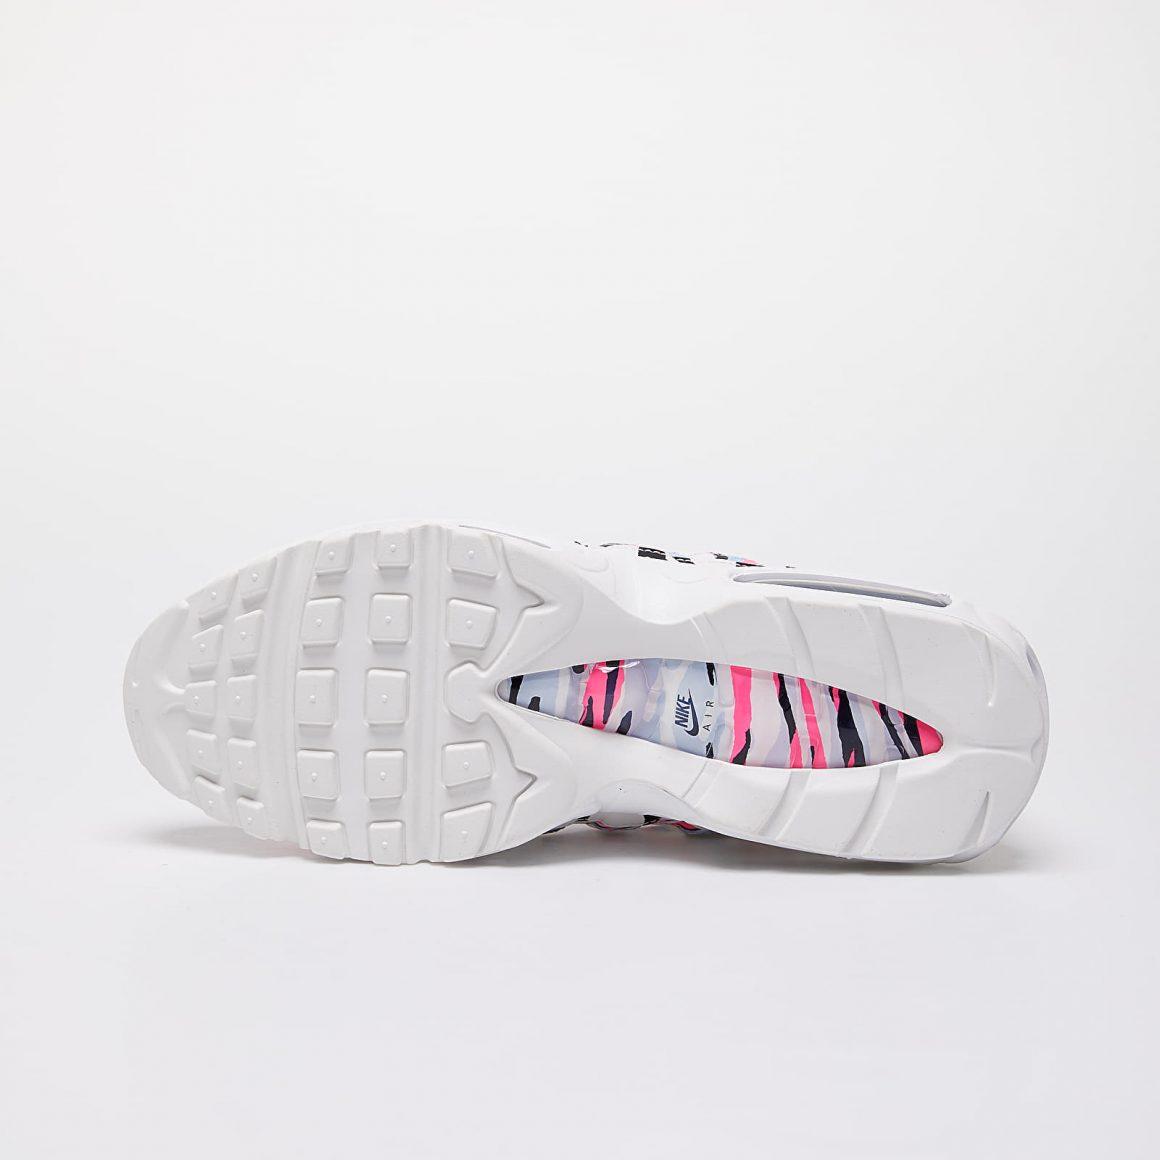 Nike Air Max 95 CTRY ''Korea'' - CW2359-100